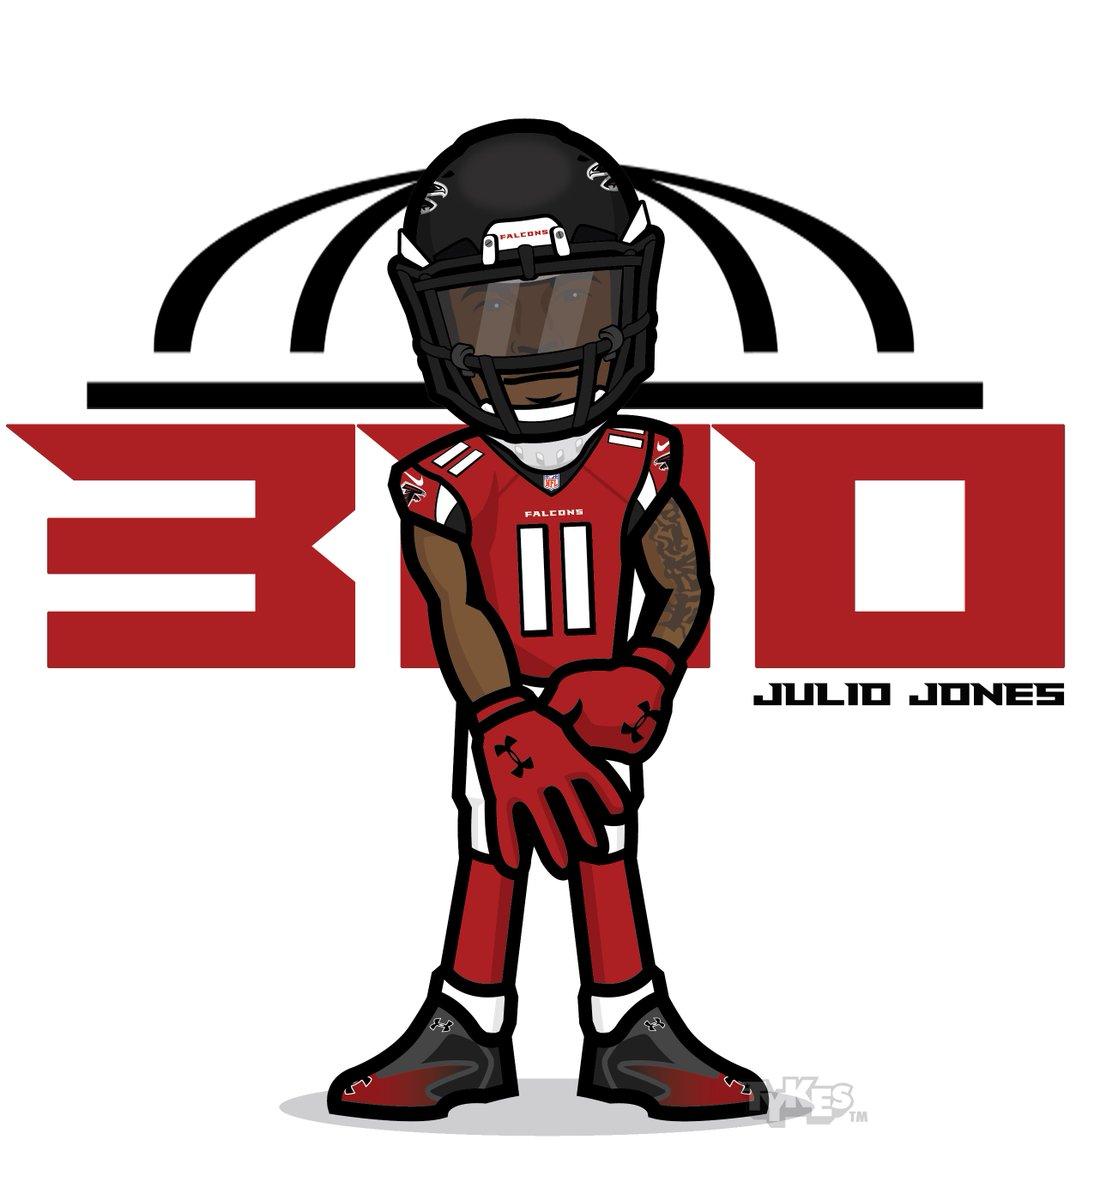 1094x1200 Tykes On Twitter Julio Jones Atlanta Falcons Tyke